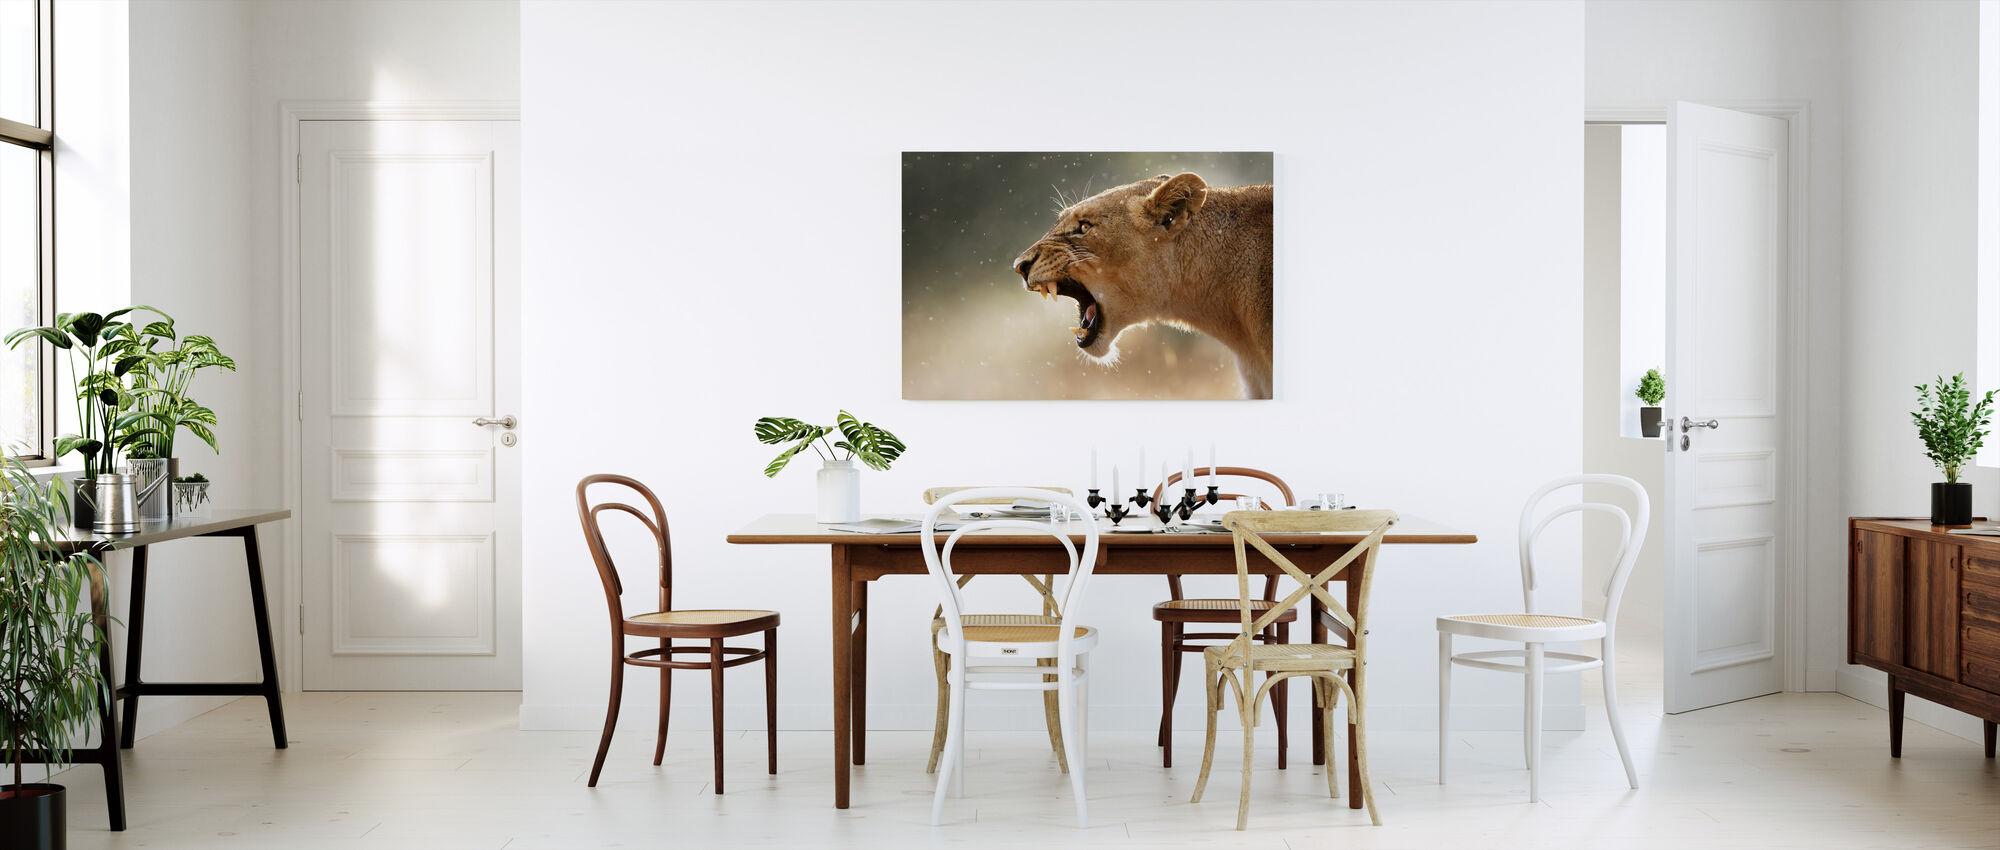 The Lions Roar - Canvas print - Kitchen